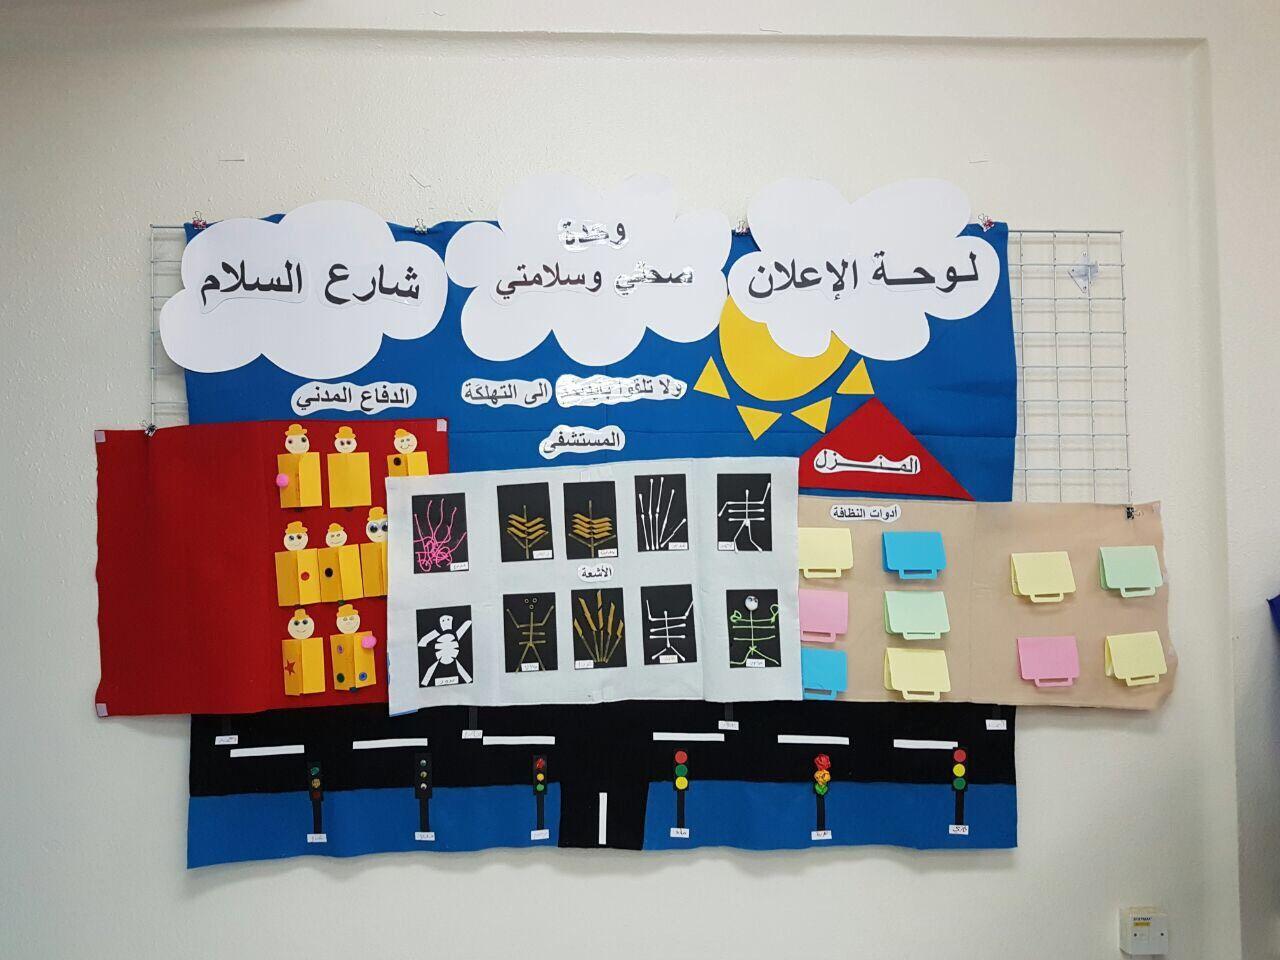 لوحة اعلان وحدة صحتي وسلامتي Preschool Classroom Holiday Decor